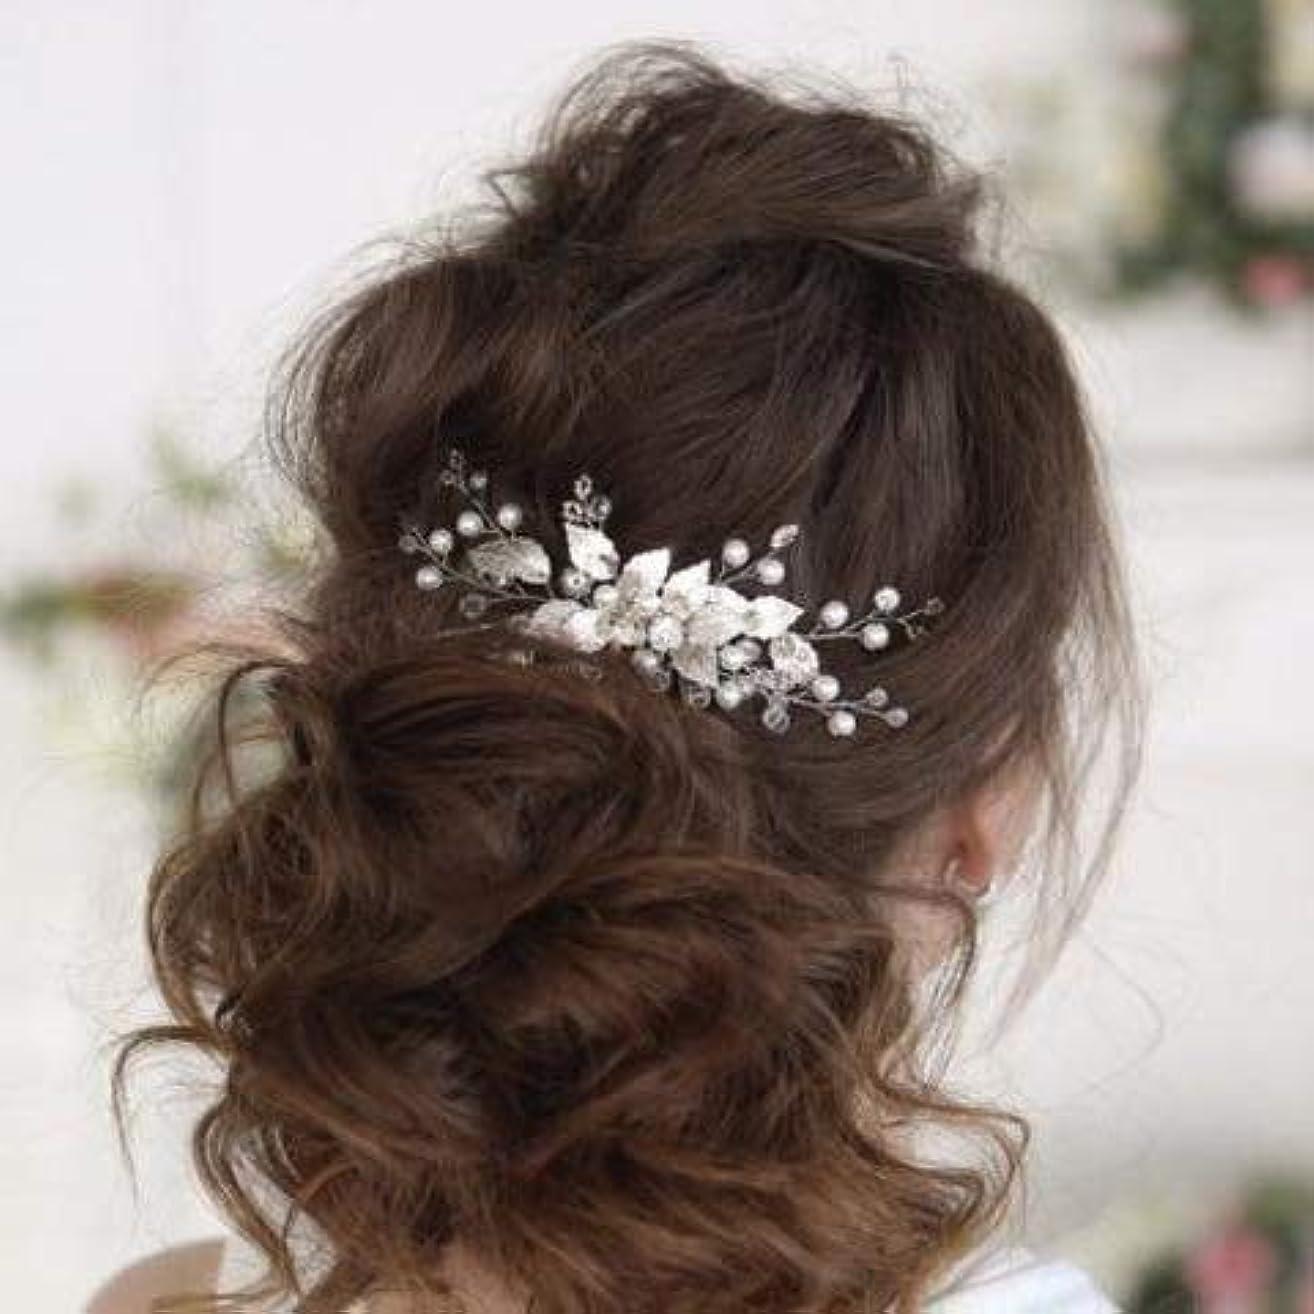 ドック家畜ヘビーKercisbeauty Boho Wedding Bridal Hair Comb Clips Decorative Headband with Crystal Leaf Rhinestones for Brides...